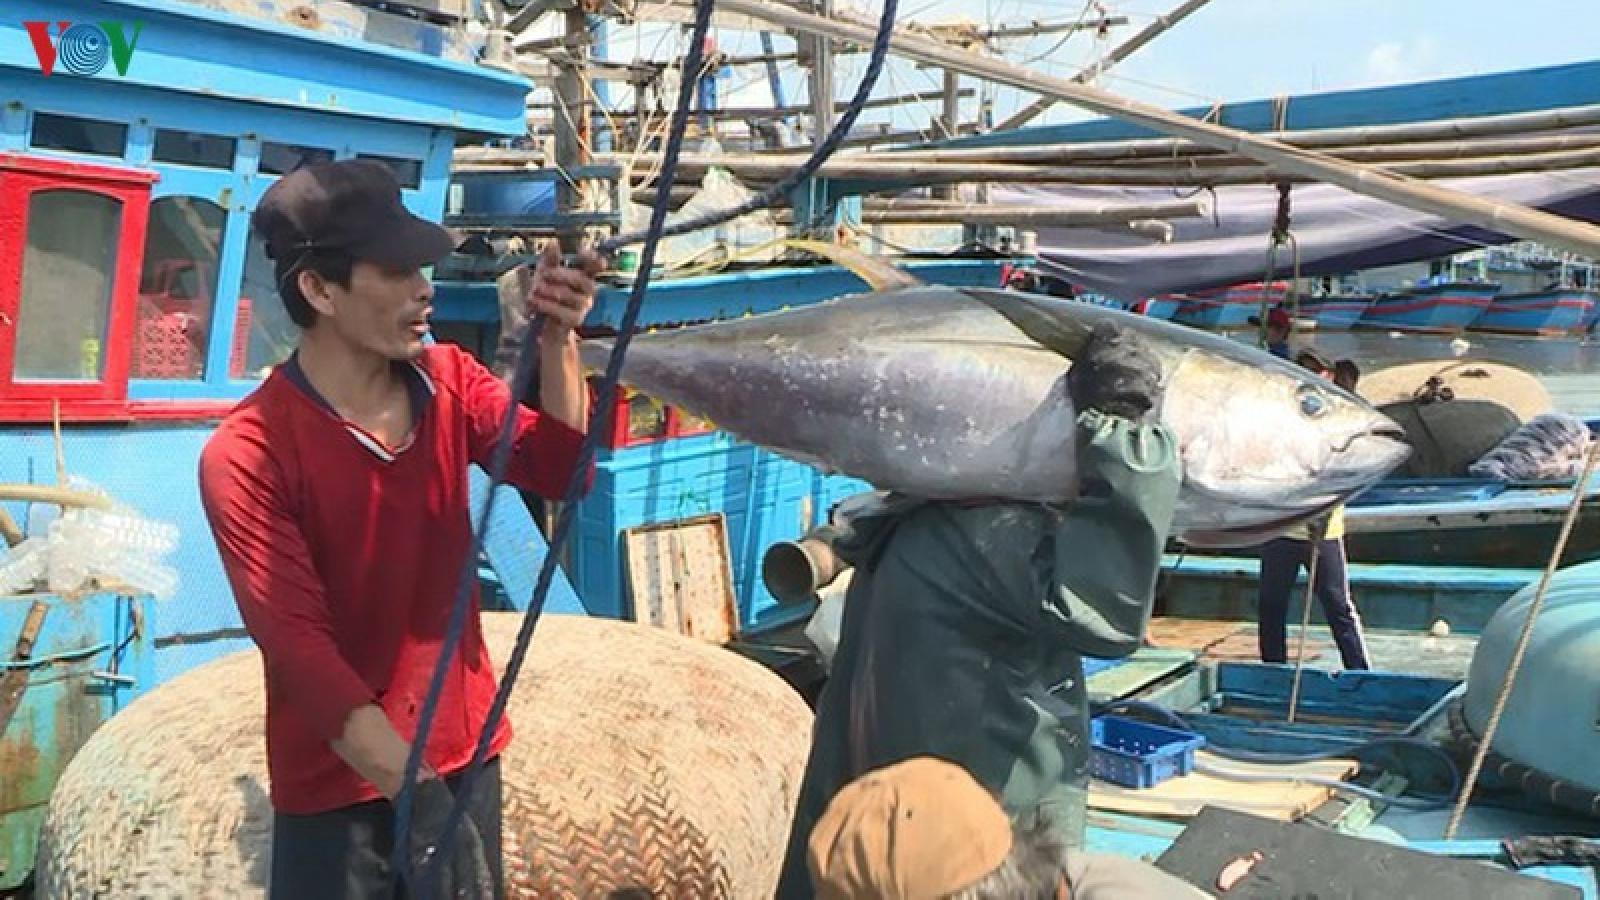 Thu nhập của ngư dân giảm do tổn thất sau thu hoạch cá ngừ